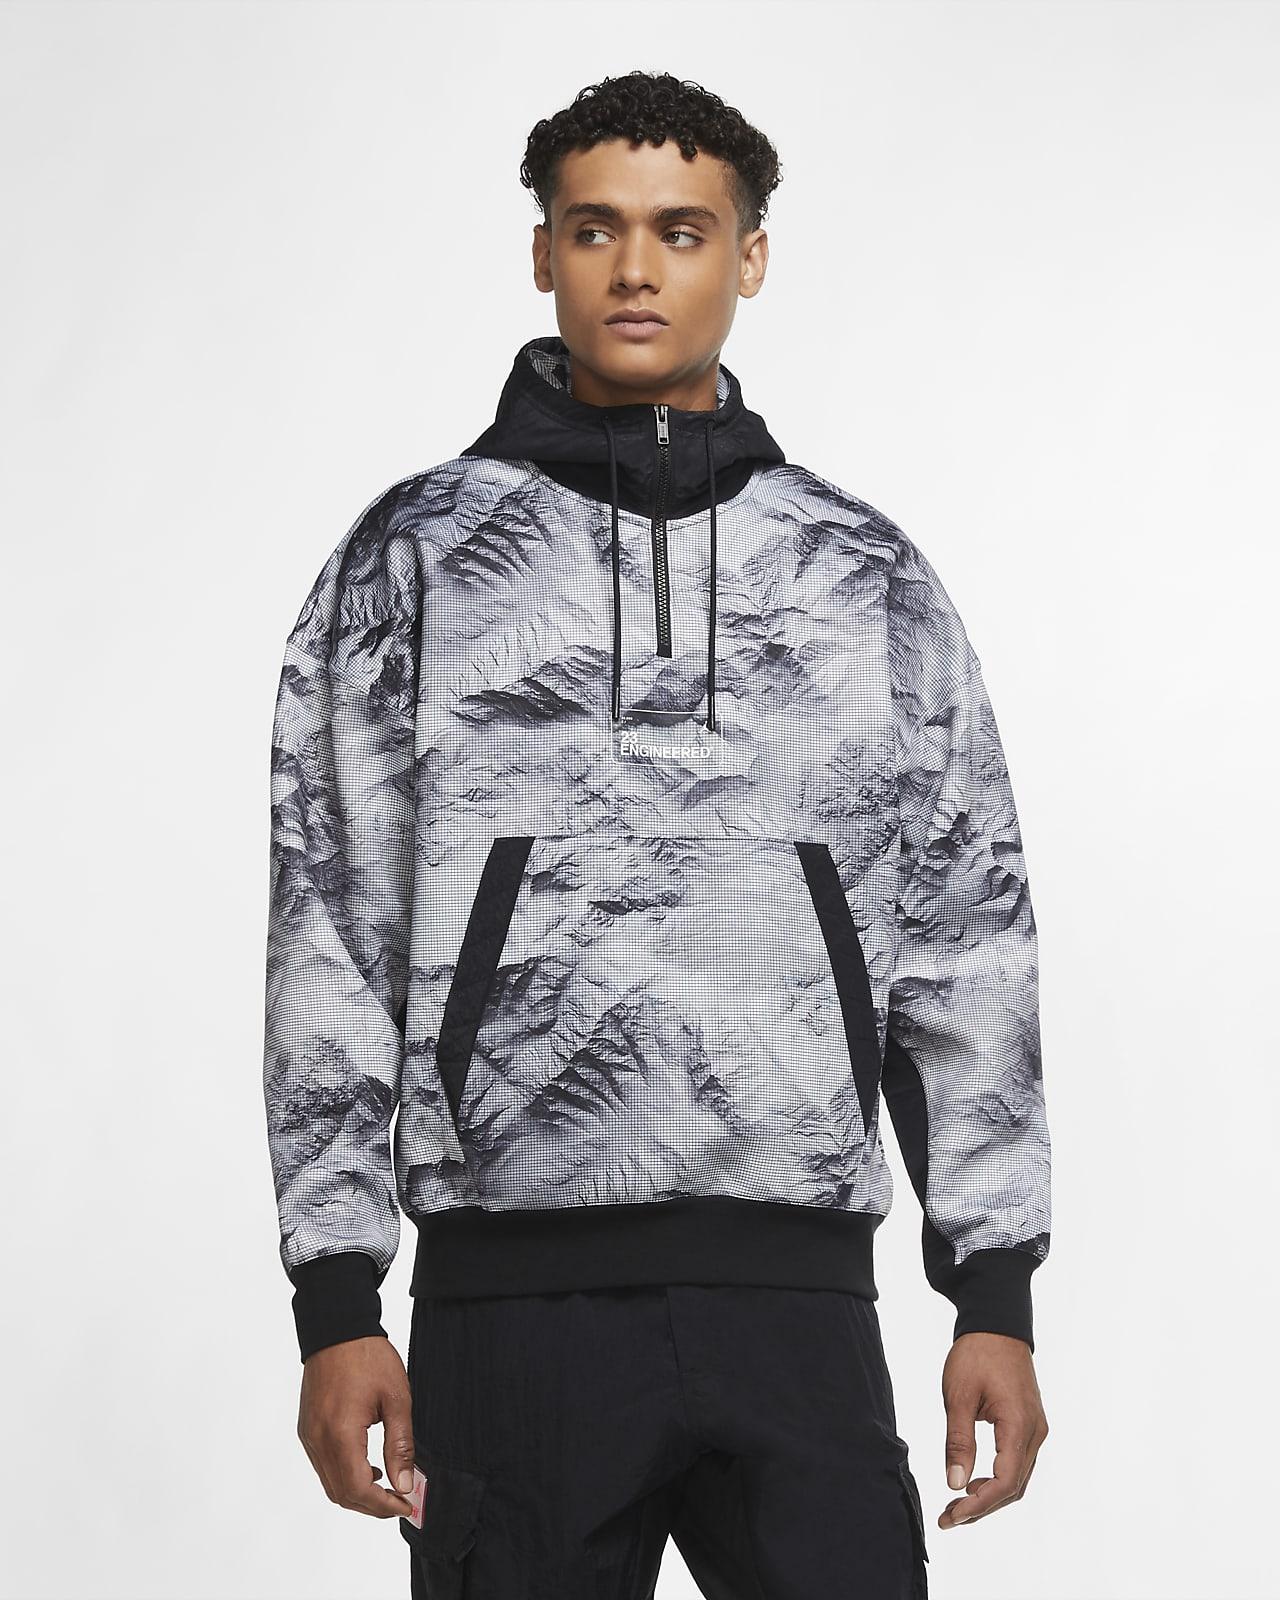 เสื้อมีฮู้ดผู้ชายแบบสวมพิมพ์ลาย Jordan 23 Engineered